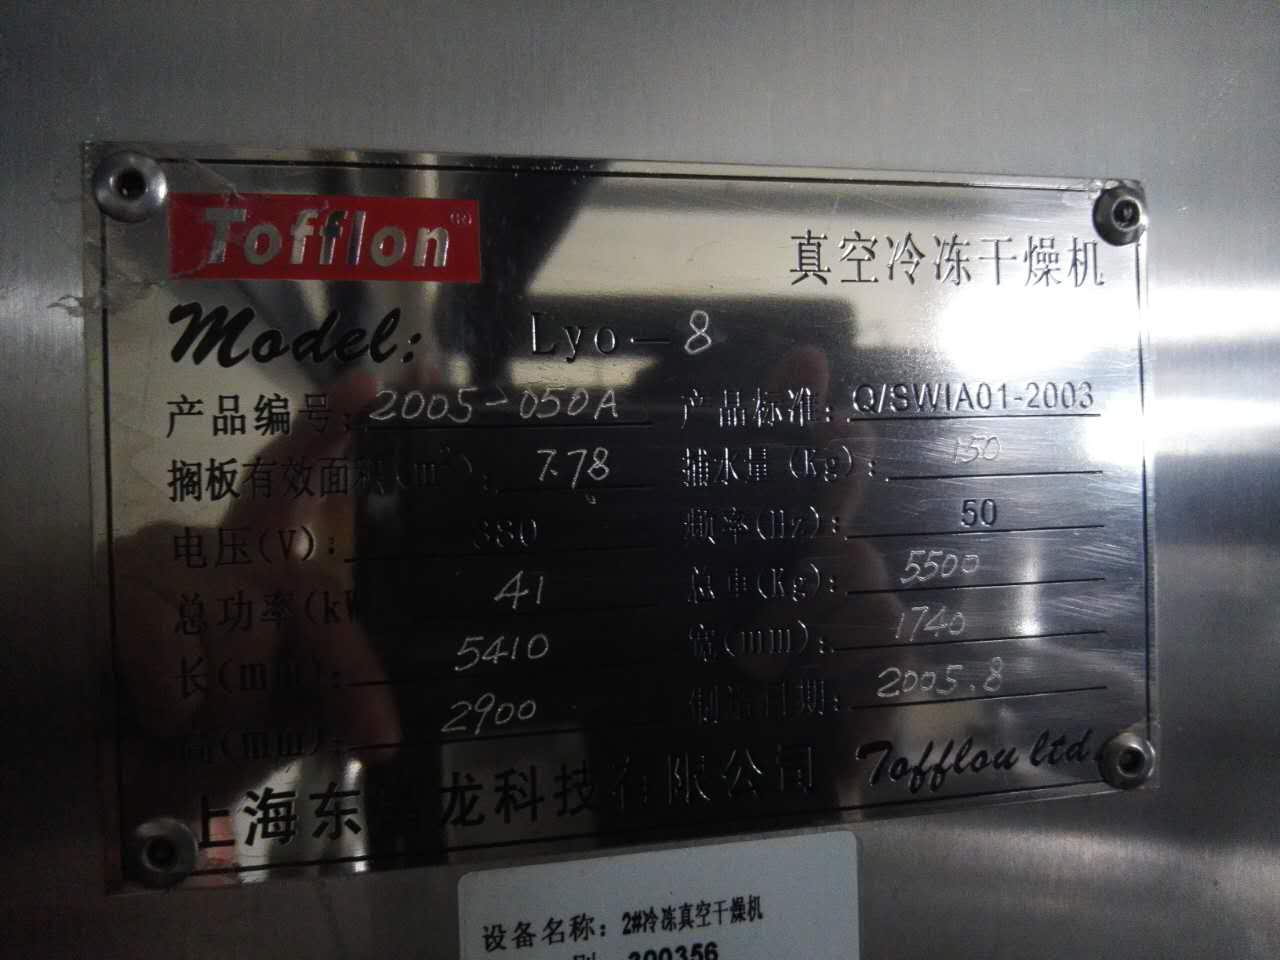 北京某药厂转出二手冻干机|药用原料-慧羿通(北京)信息科技有限公司